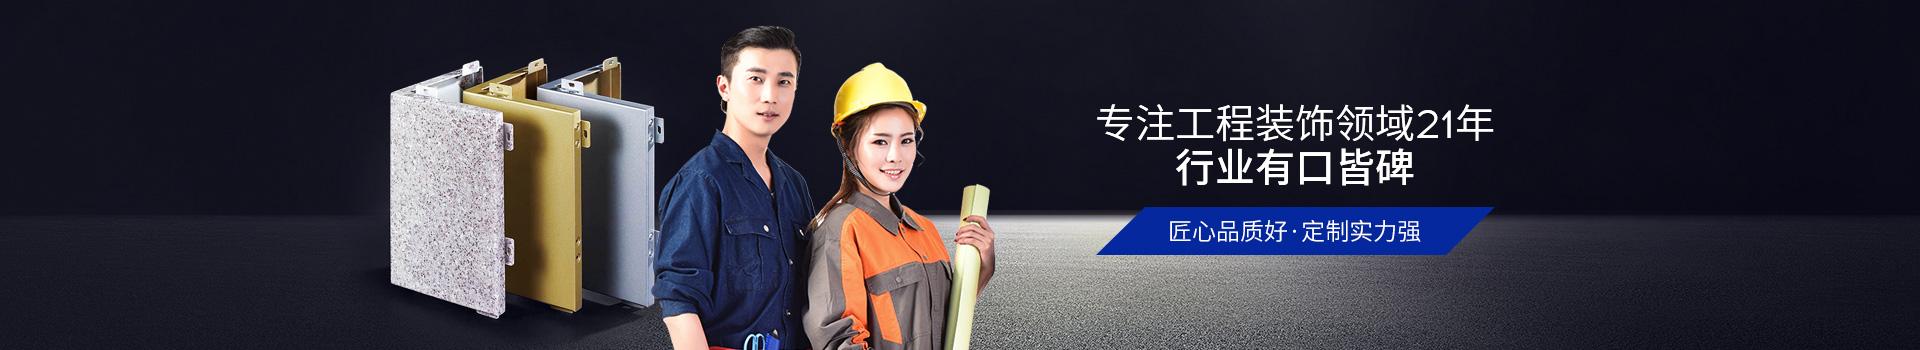 中陆建材-专注工程装饰领域21年